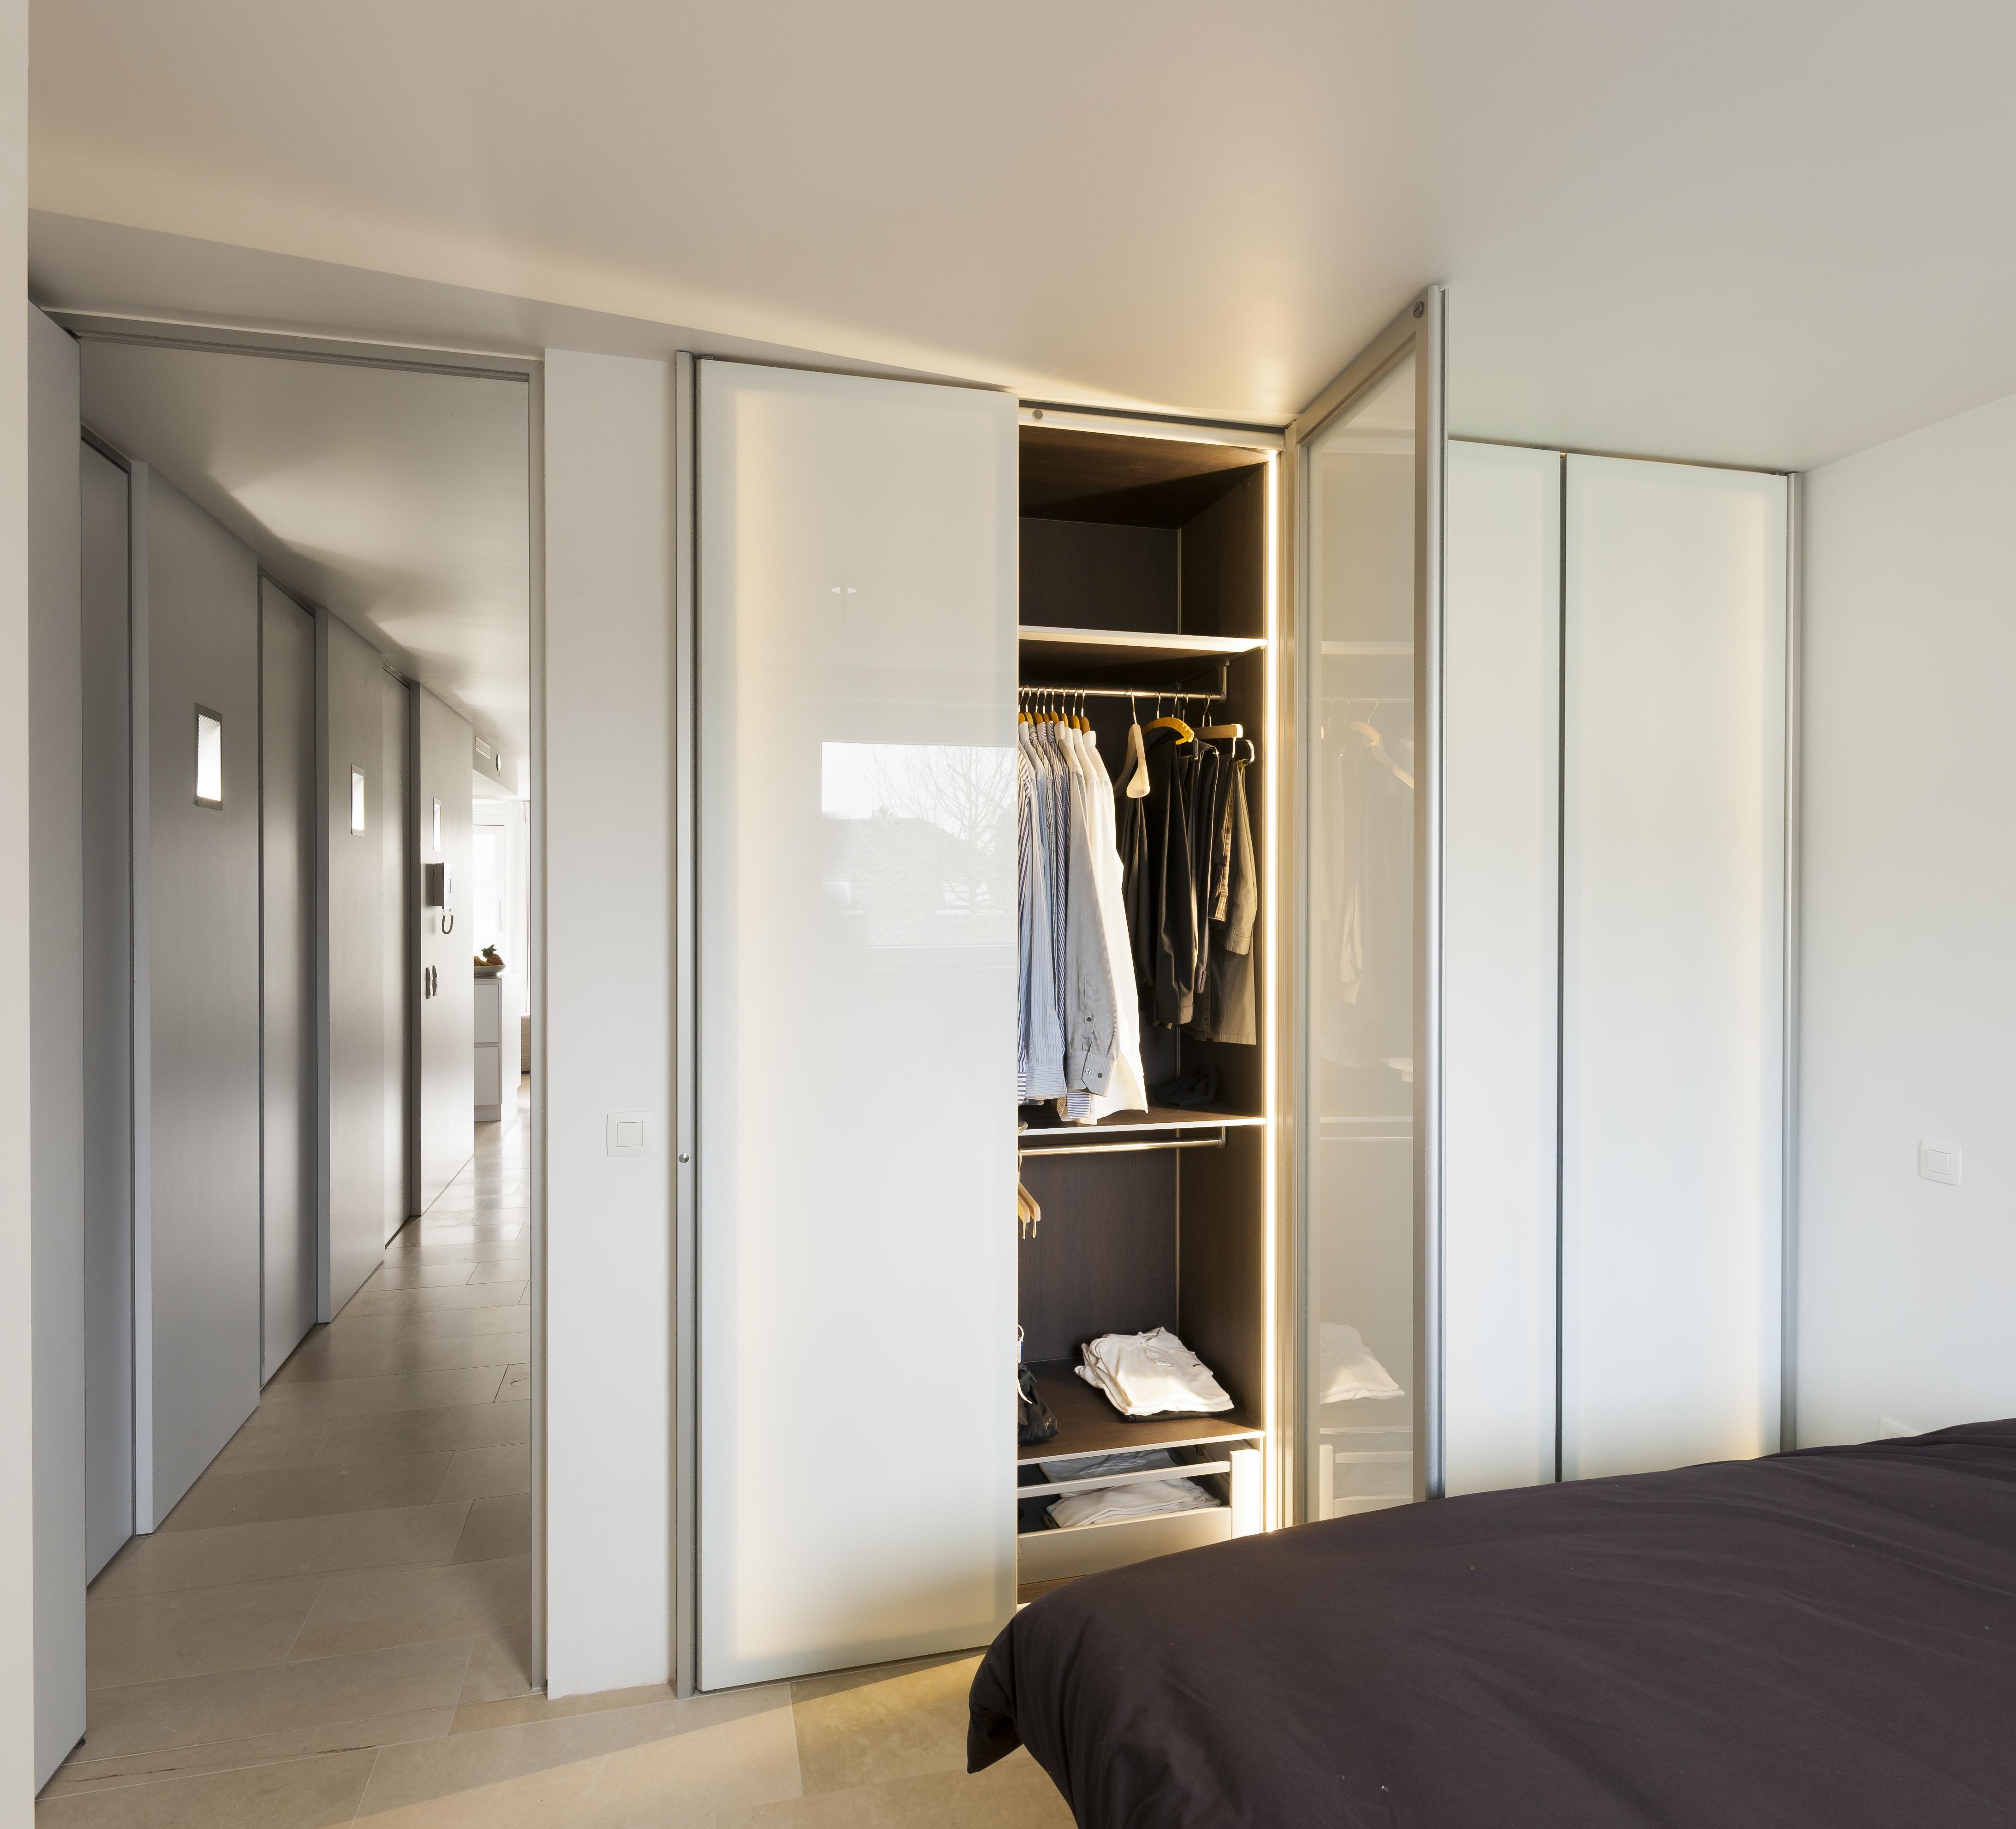 Praktische tips  uw dressing functioneel inrichten  u2013 Anyway Doors blog